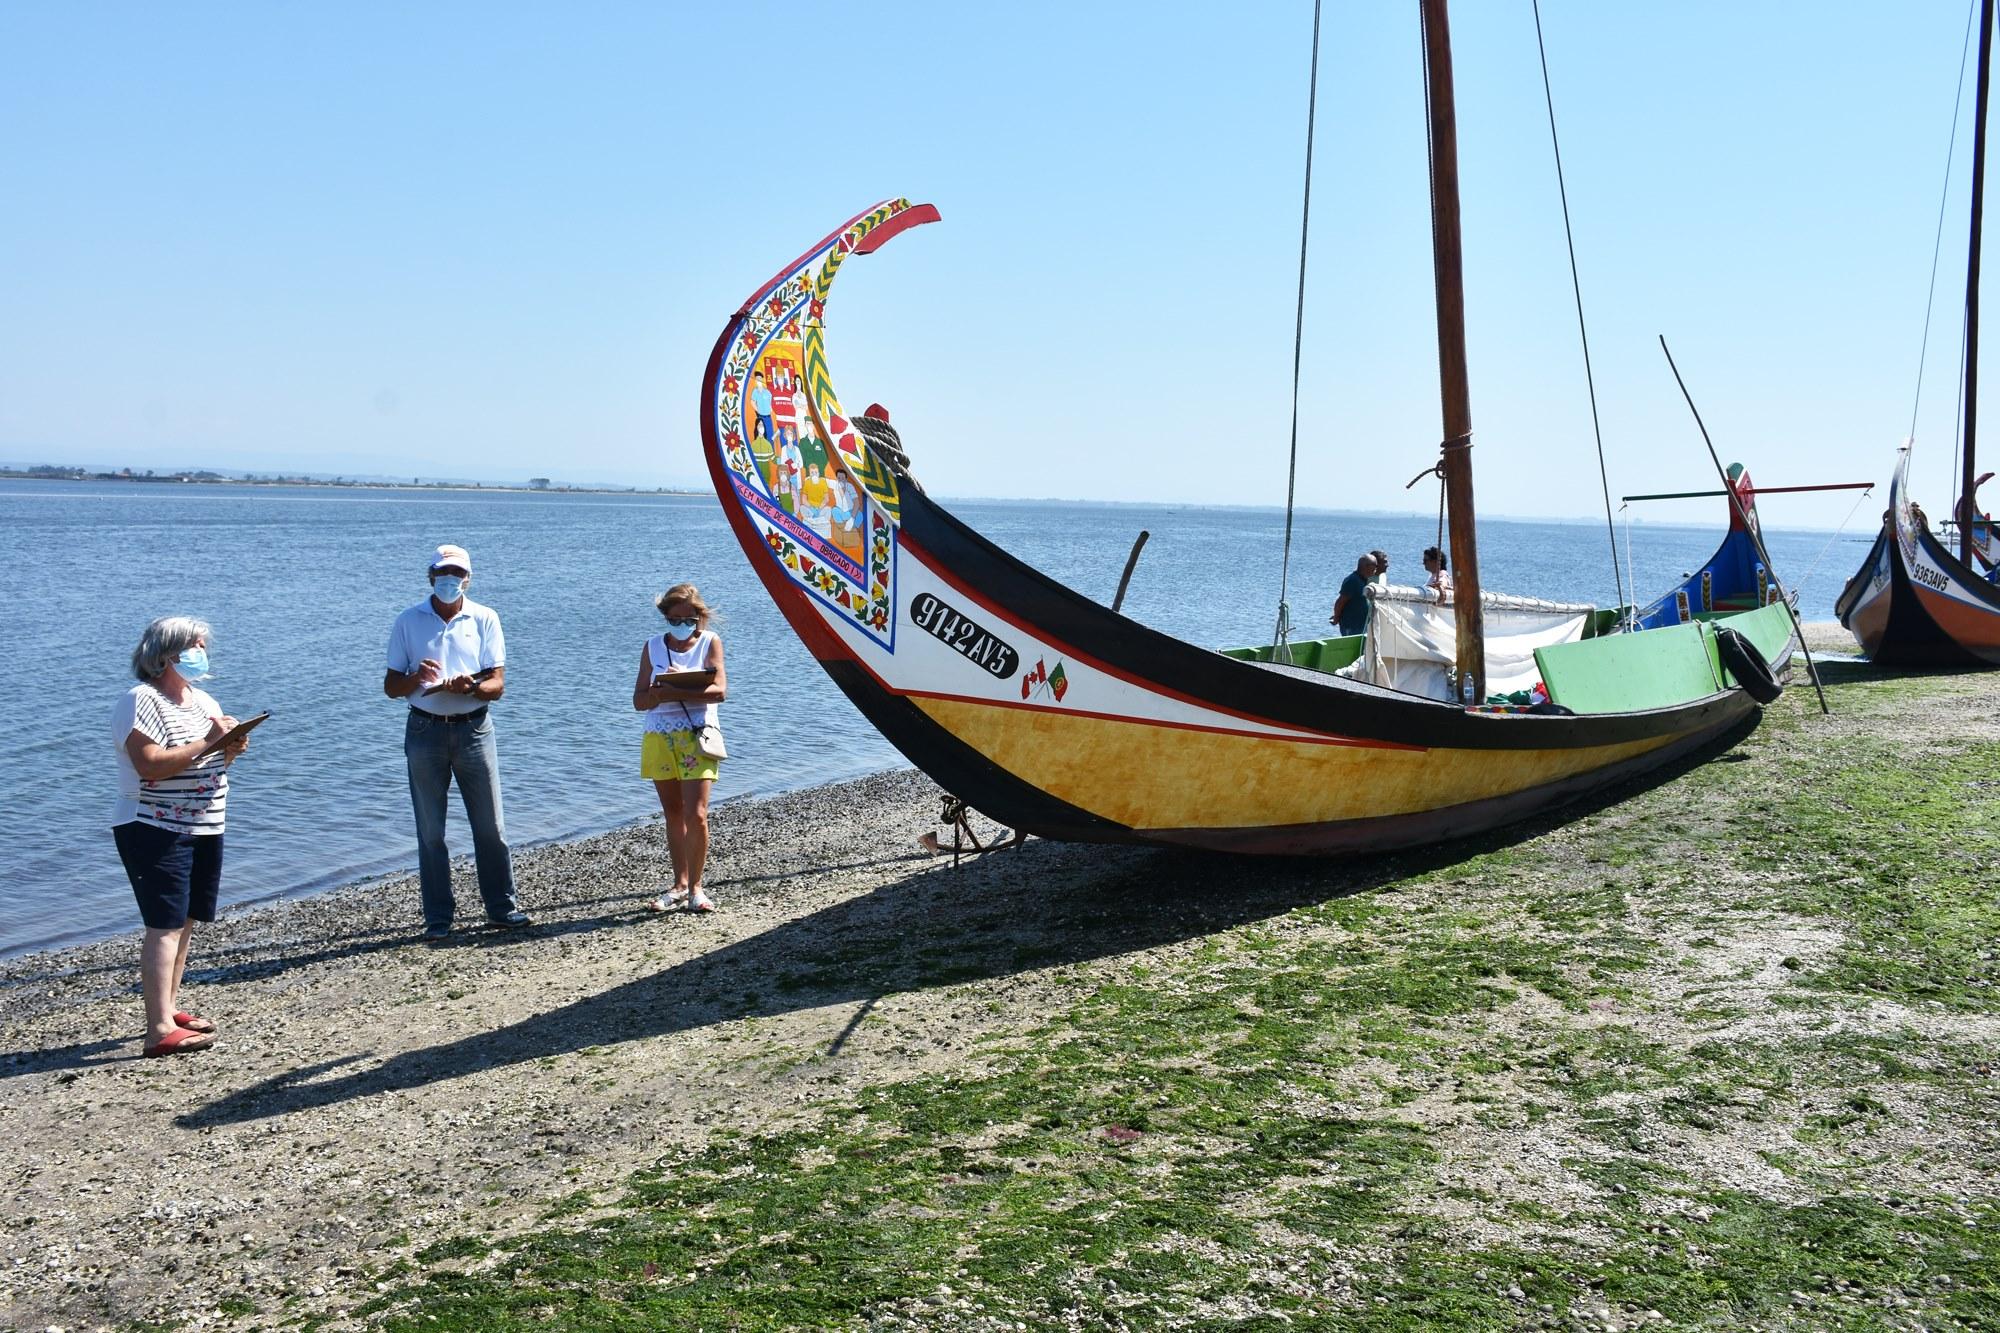 Concurso de Painéis de Barcos Moliceiros - Romaria de São Paio